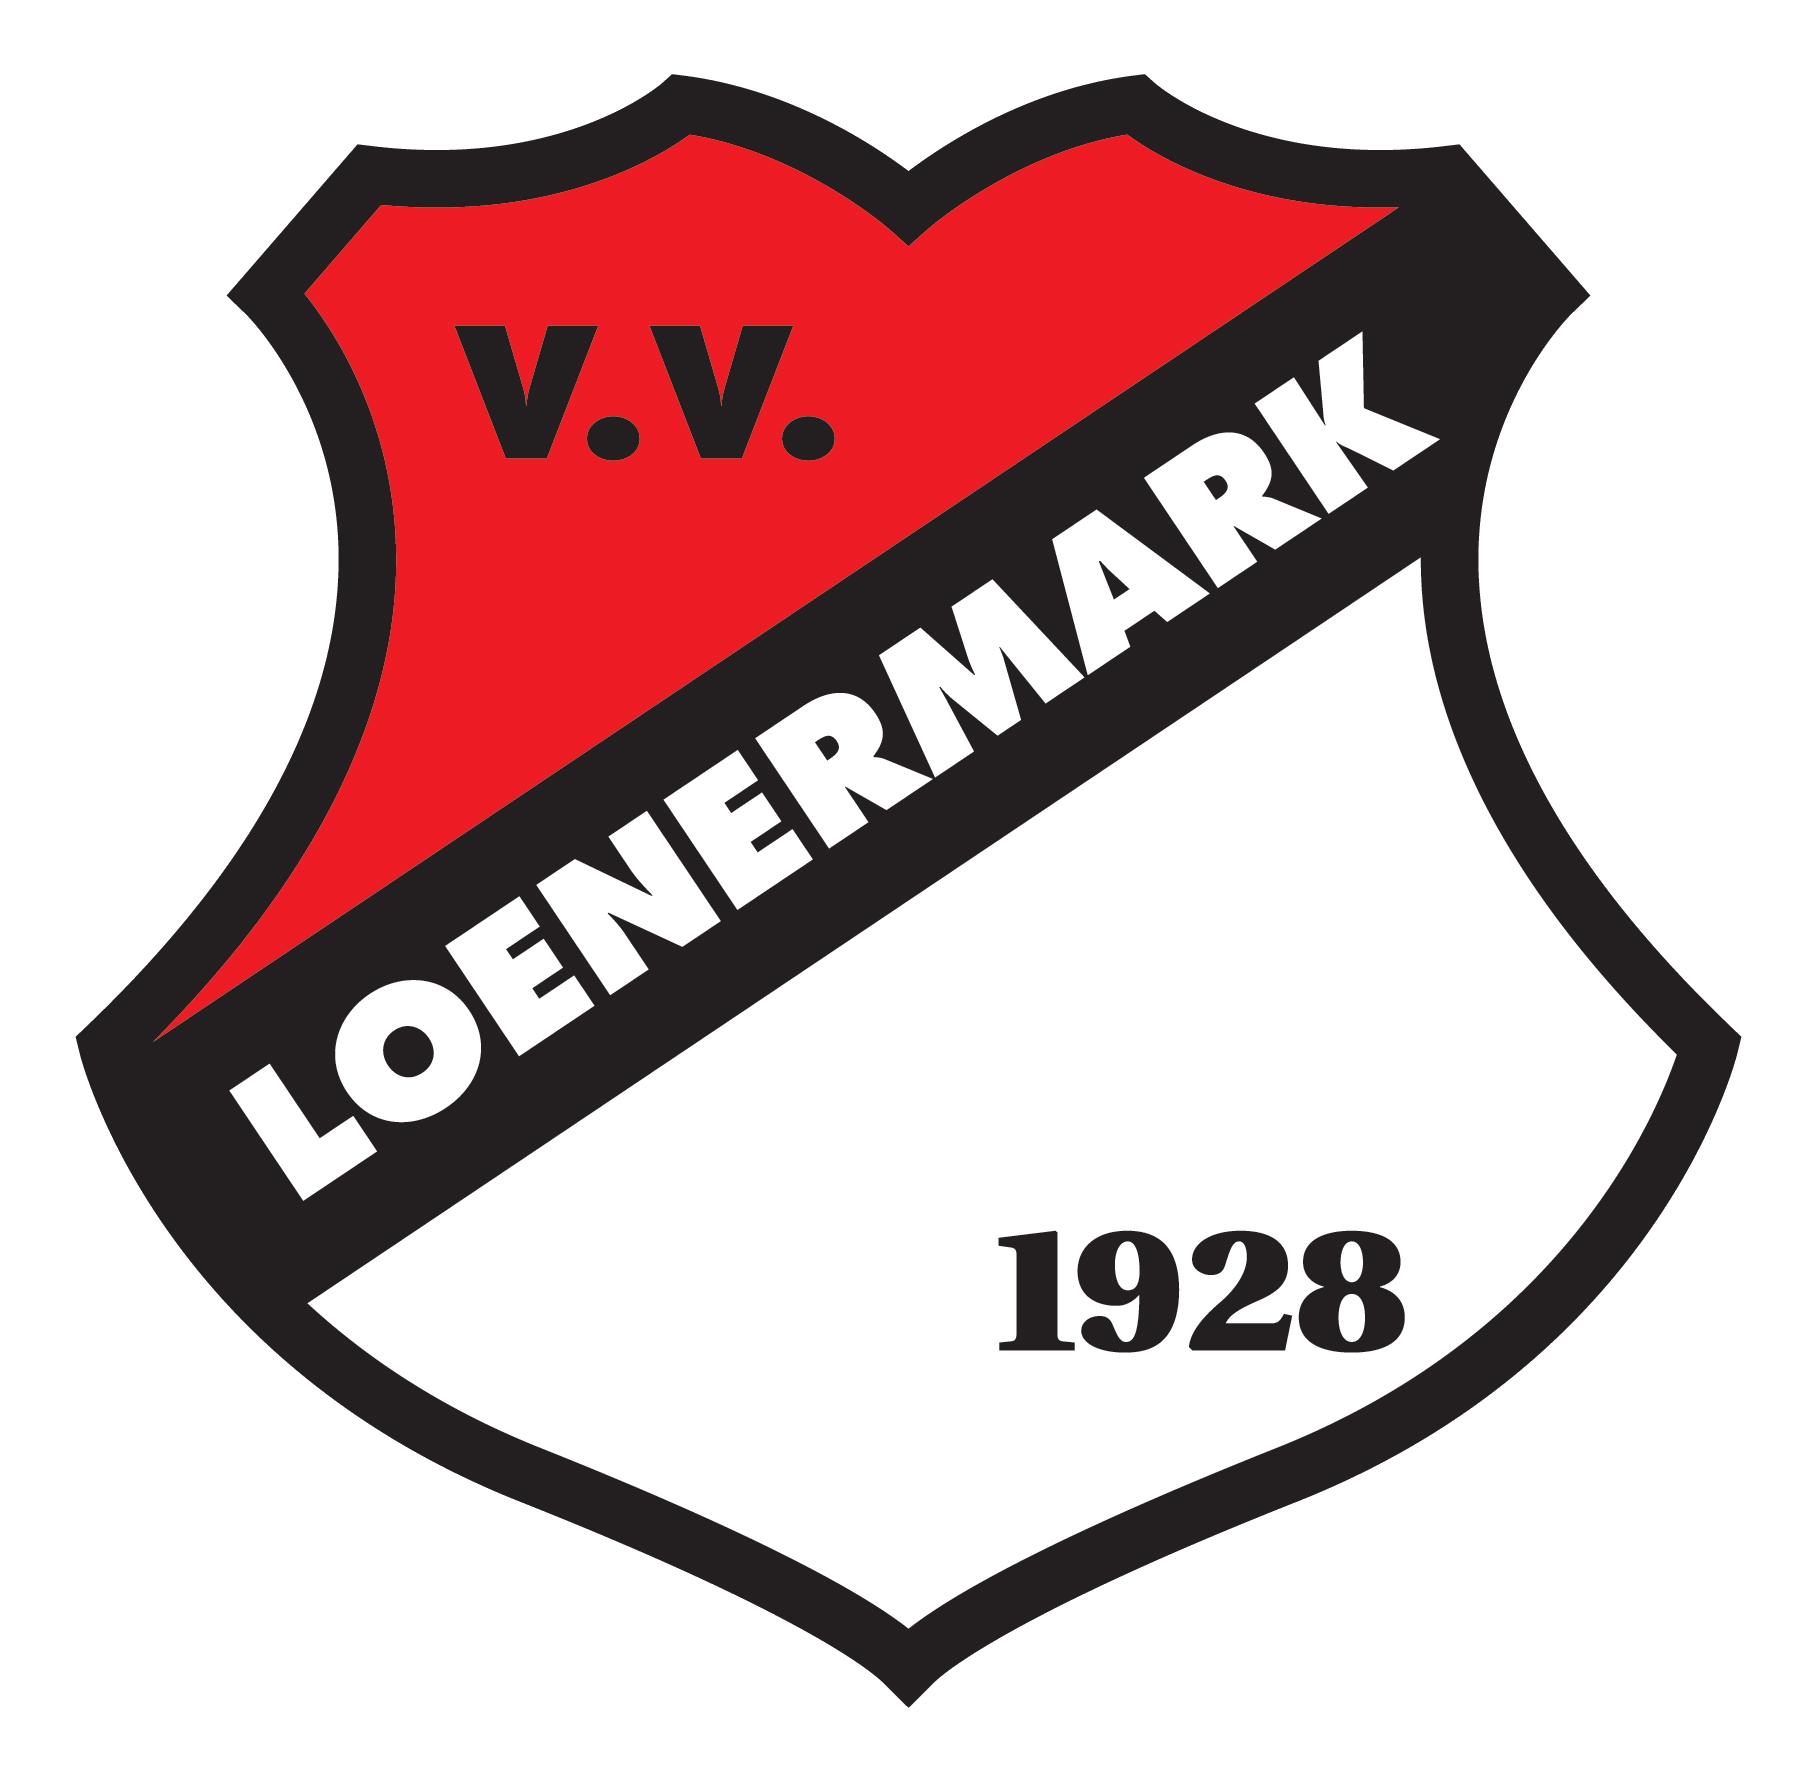 vv Loenermark